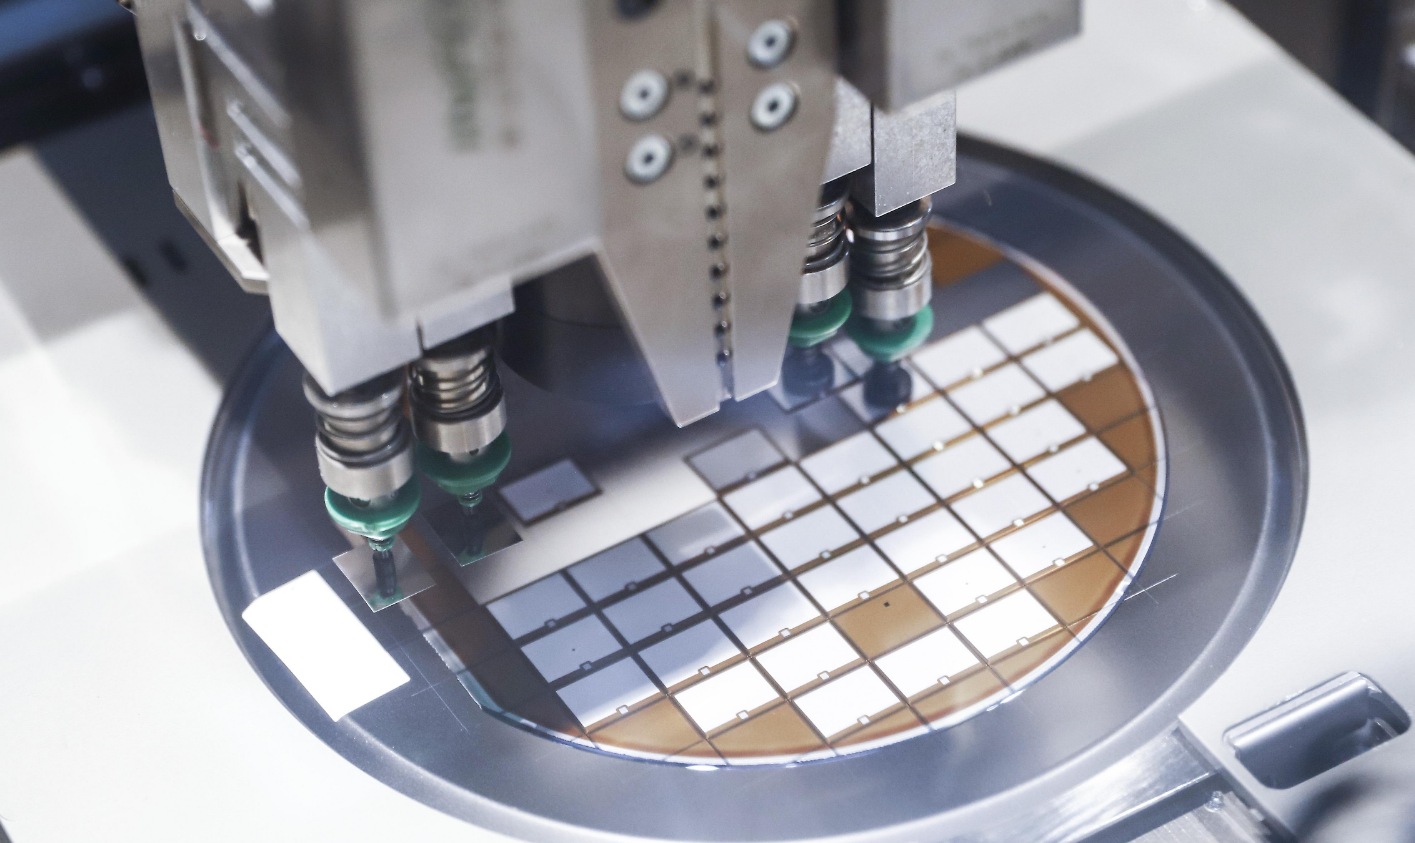 国产7nm芯片要来了!此次冲破的不只仅是研发设计工艺